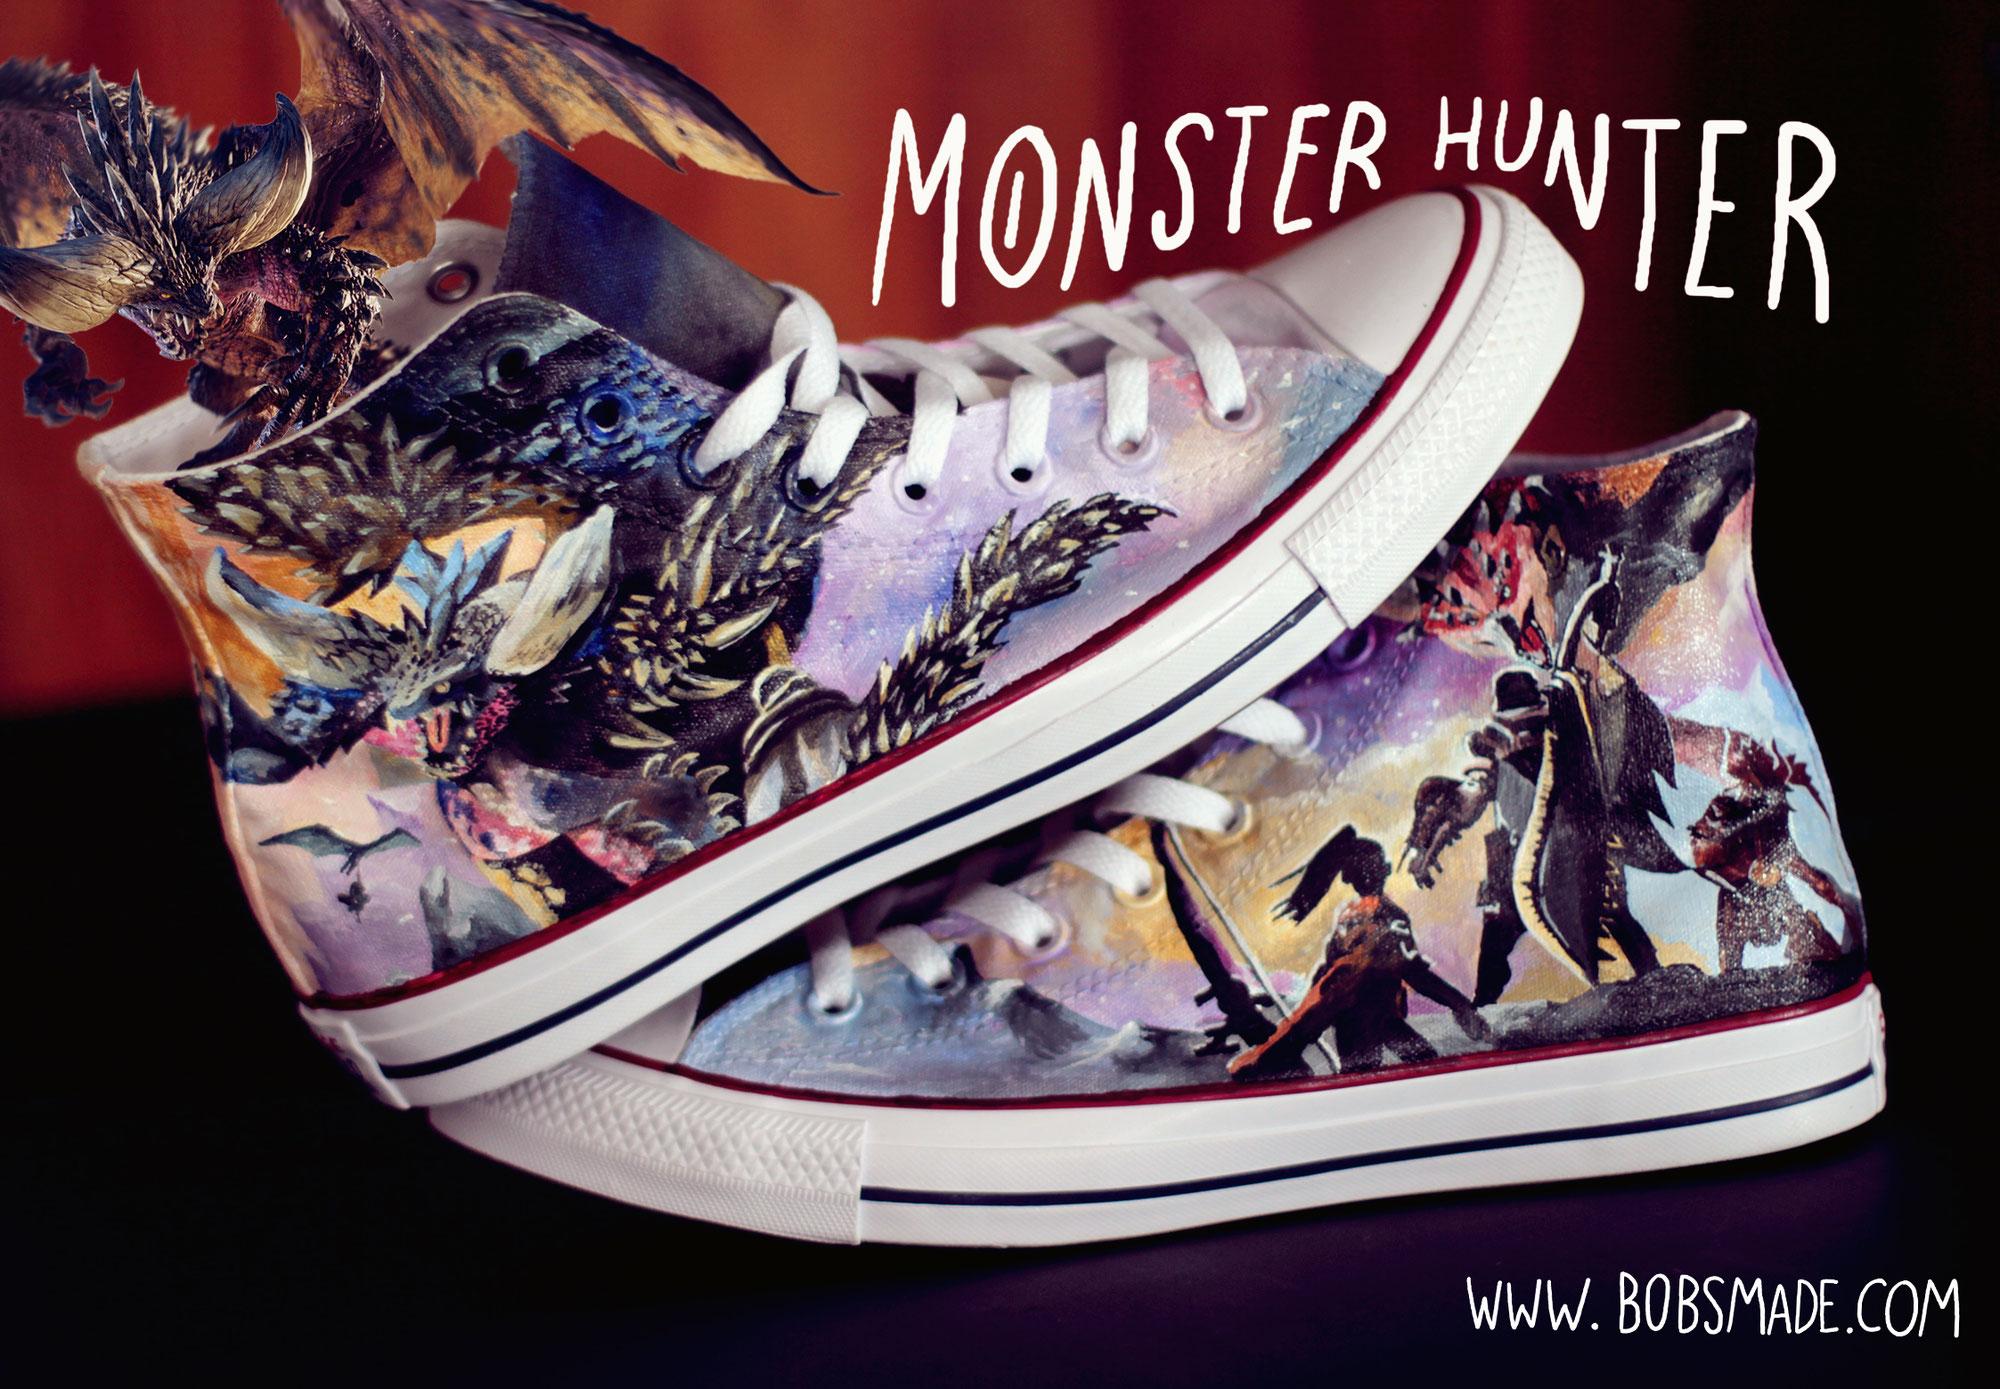 Monster Hunter Chucks